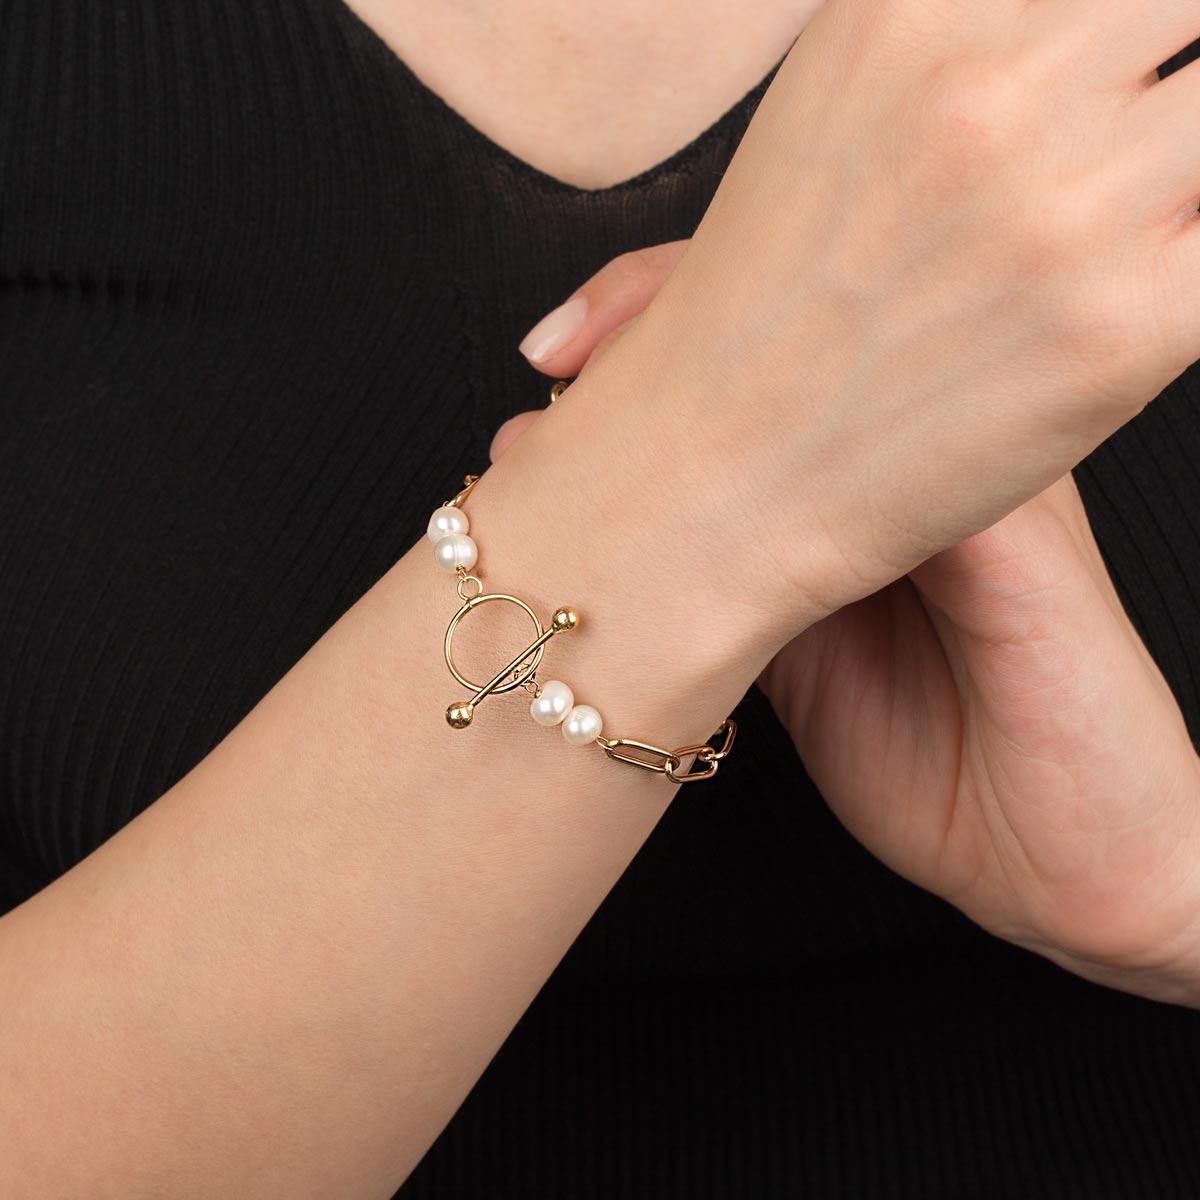 دستبند طلا کادنا و مروارید